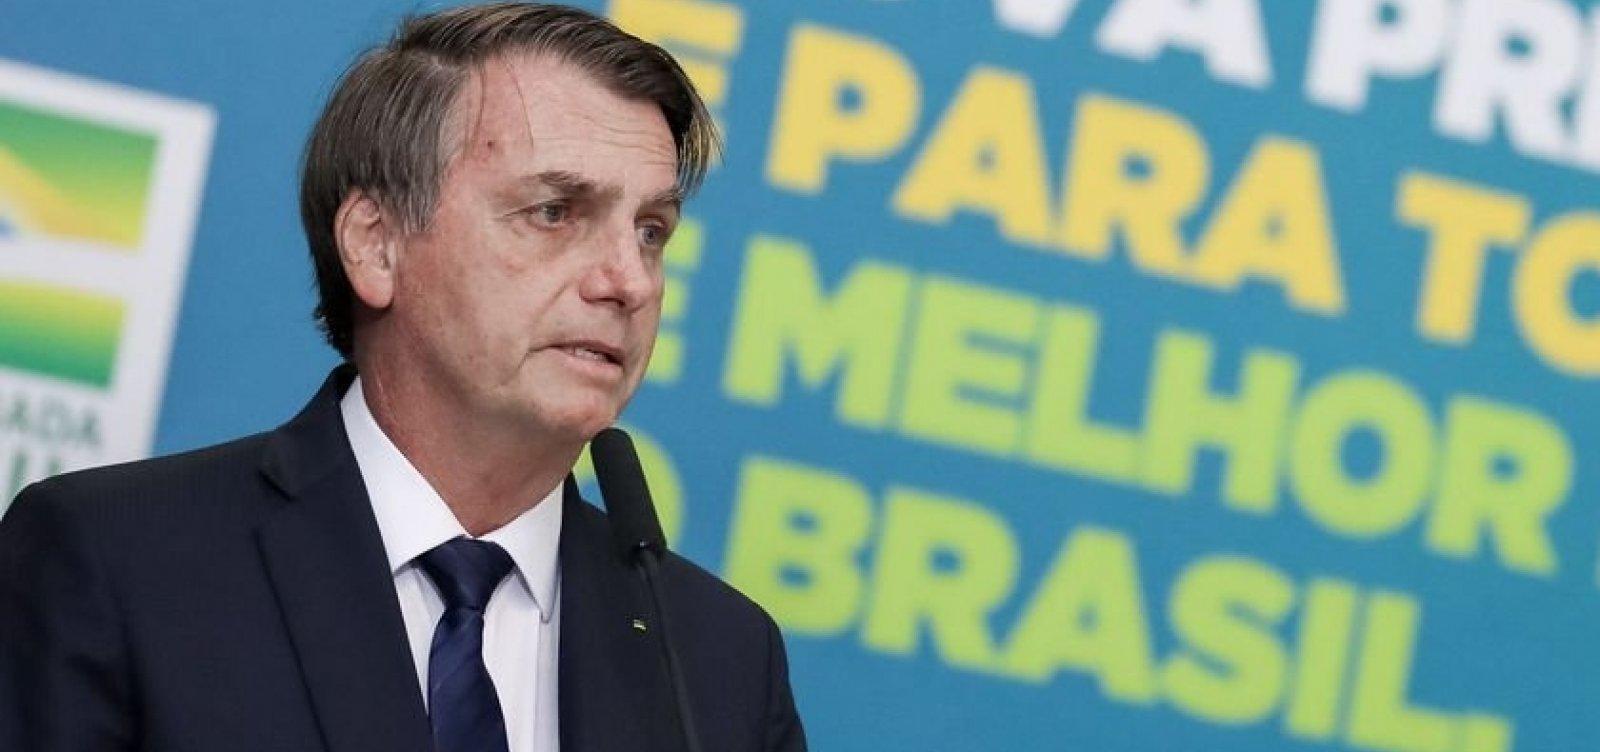 [Bolsonaro chama empresários de 'heróis' e promete que não irá 'atrapalha-los' ]